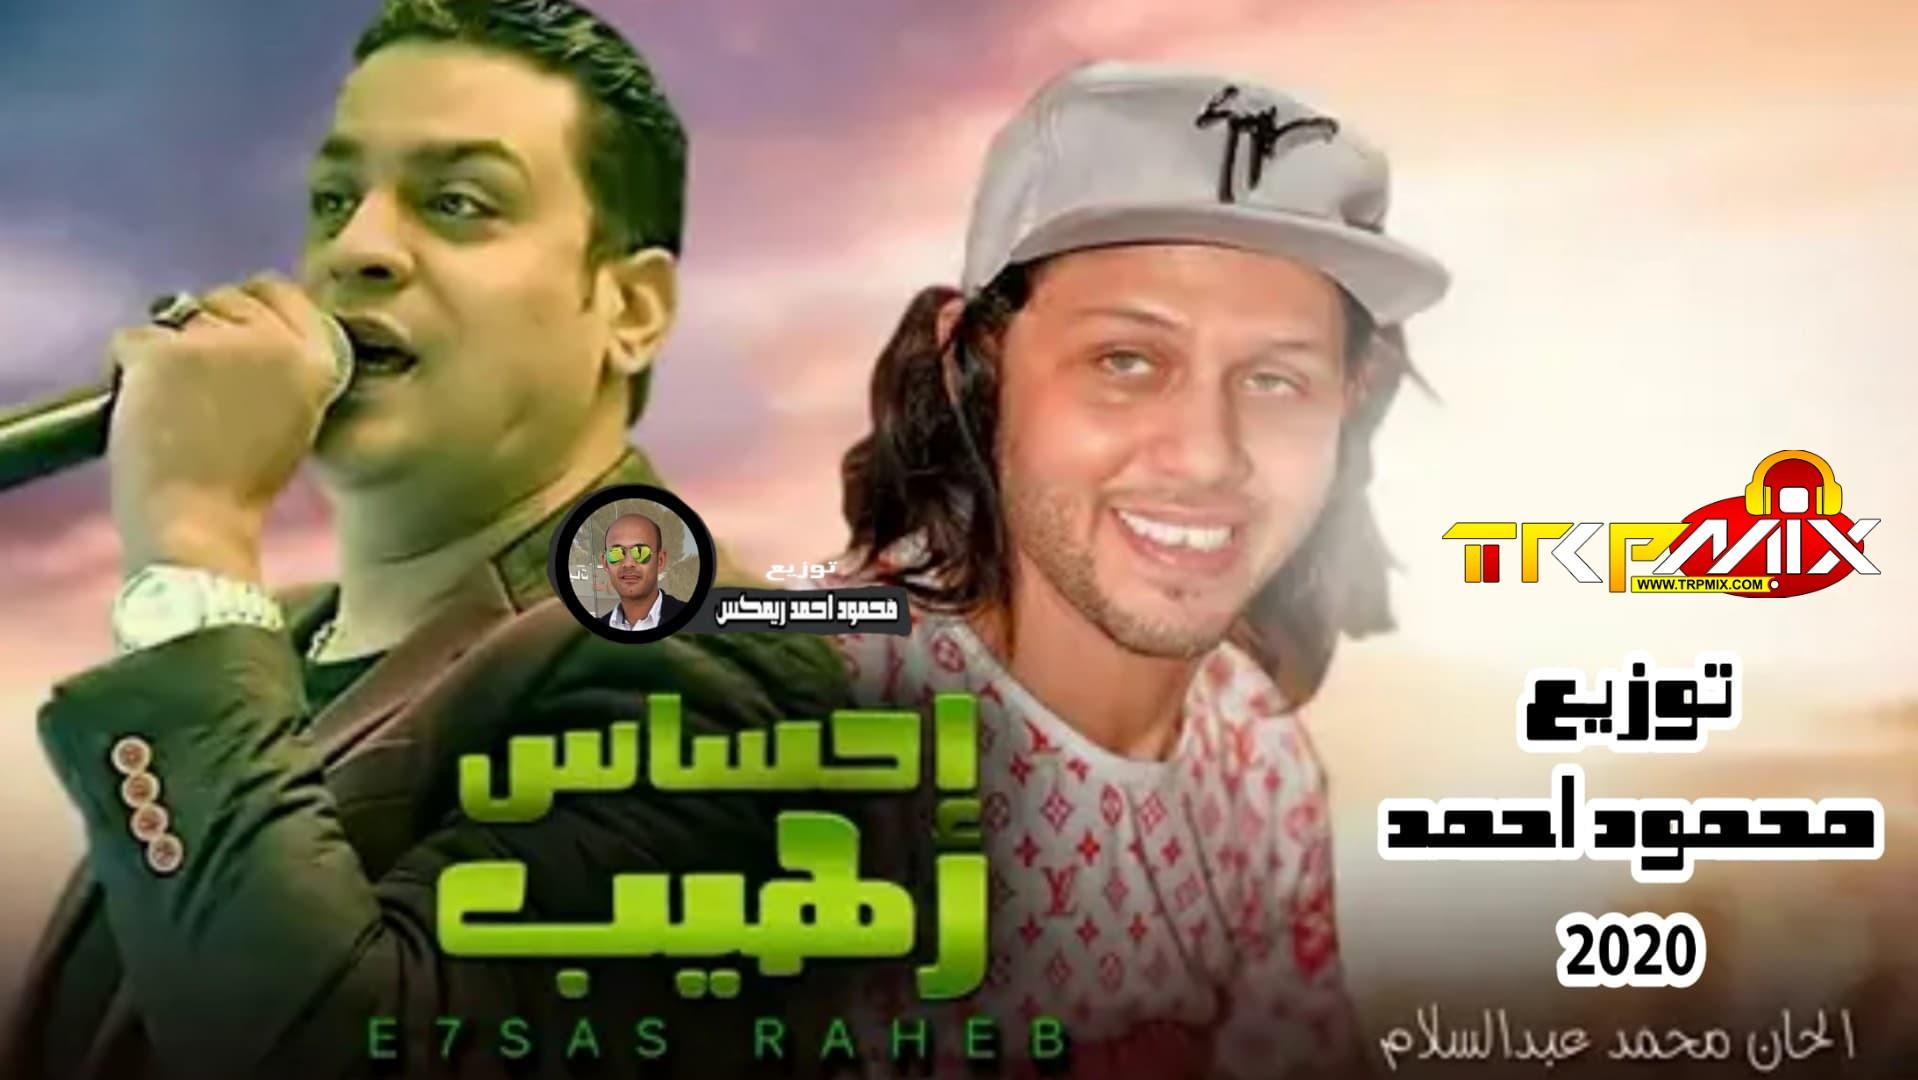 اغنيه احساس رهيب غناء هانى فتحى الحان عبسلام - توزيع درامز محمود احمد 2020